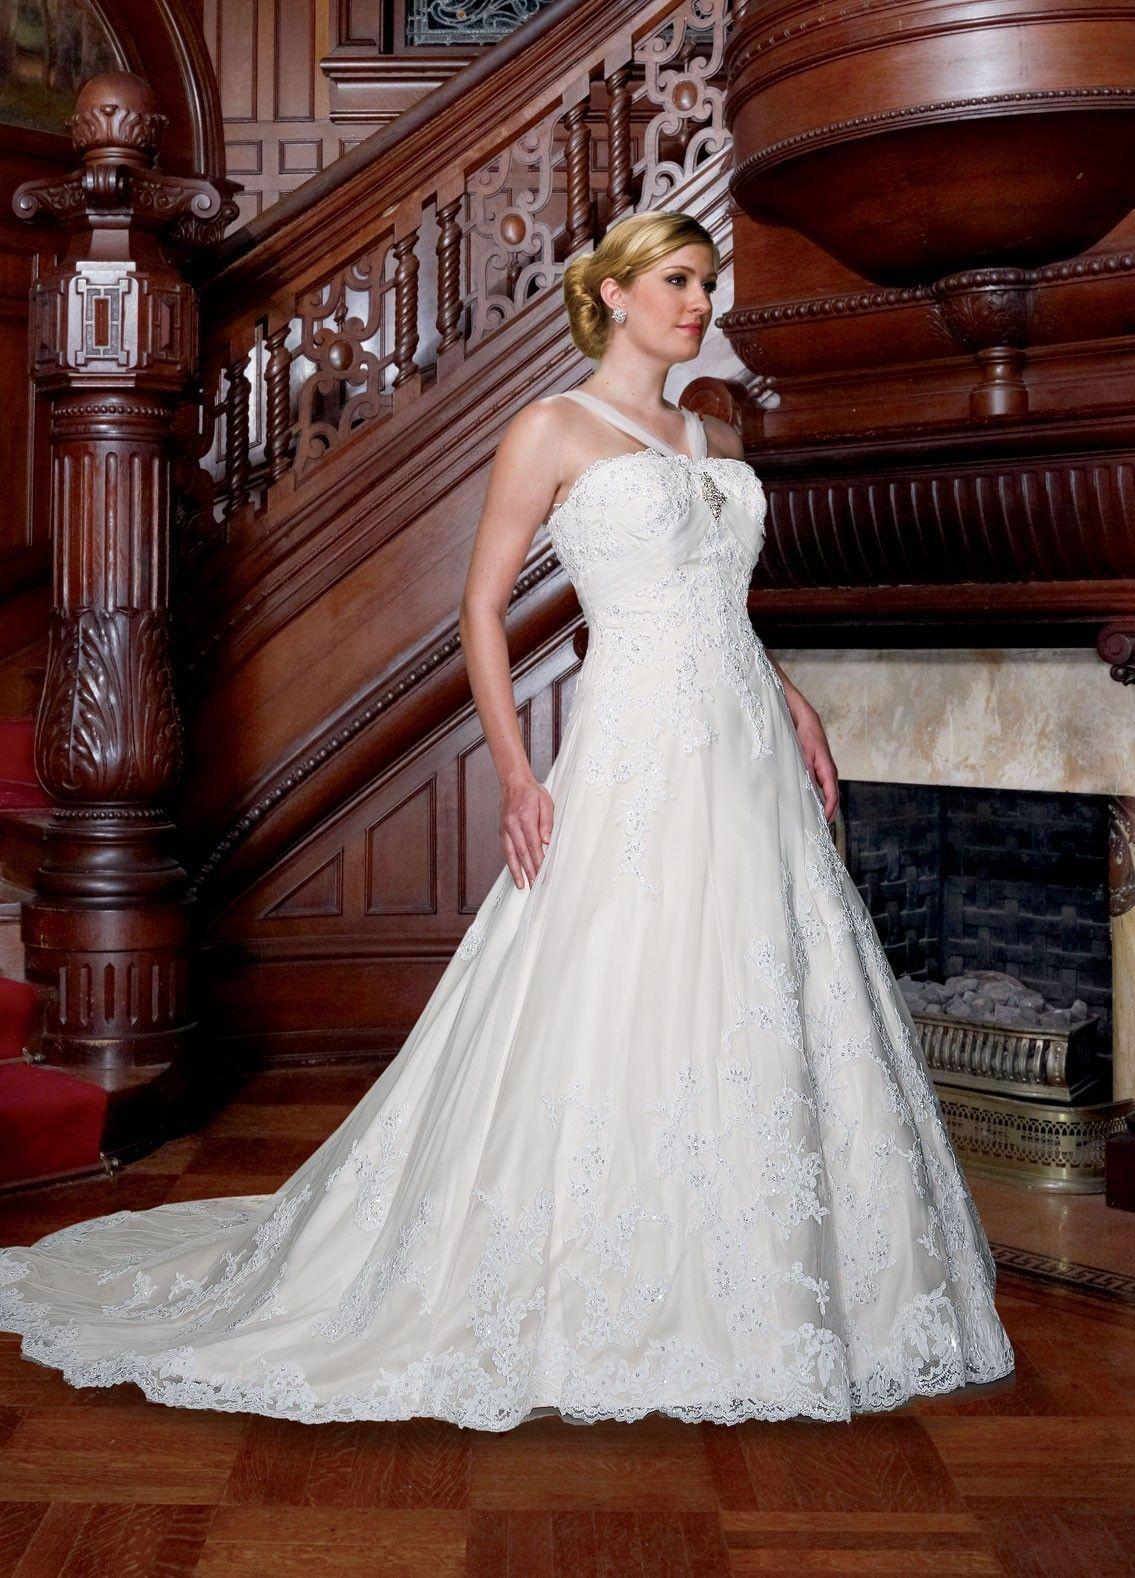 Impression Plus Size Wedding Dresses - Style 2951 $254.99 Impression Wedding Dresses